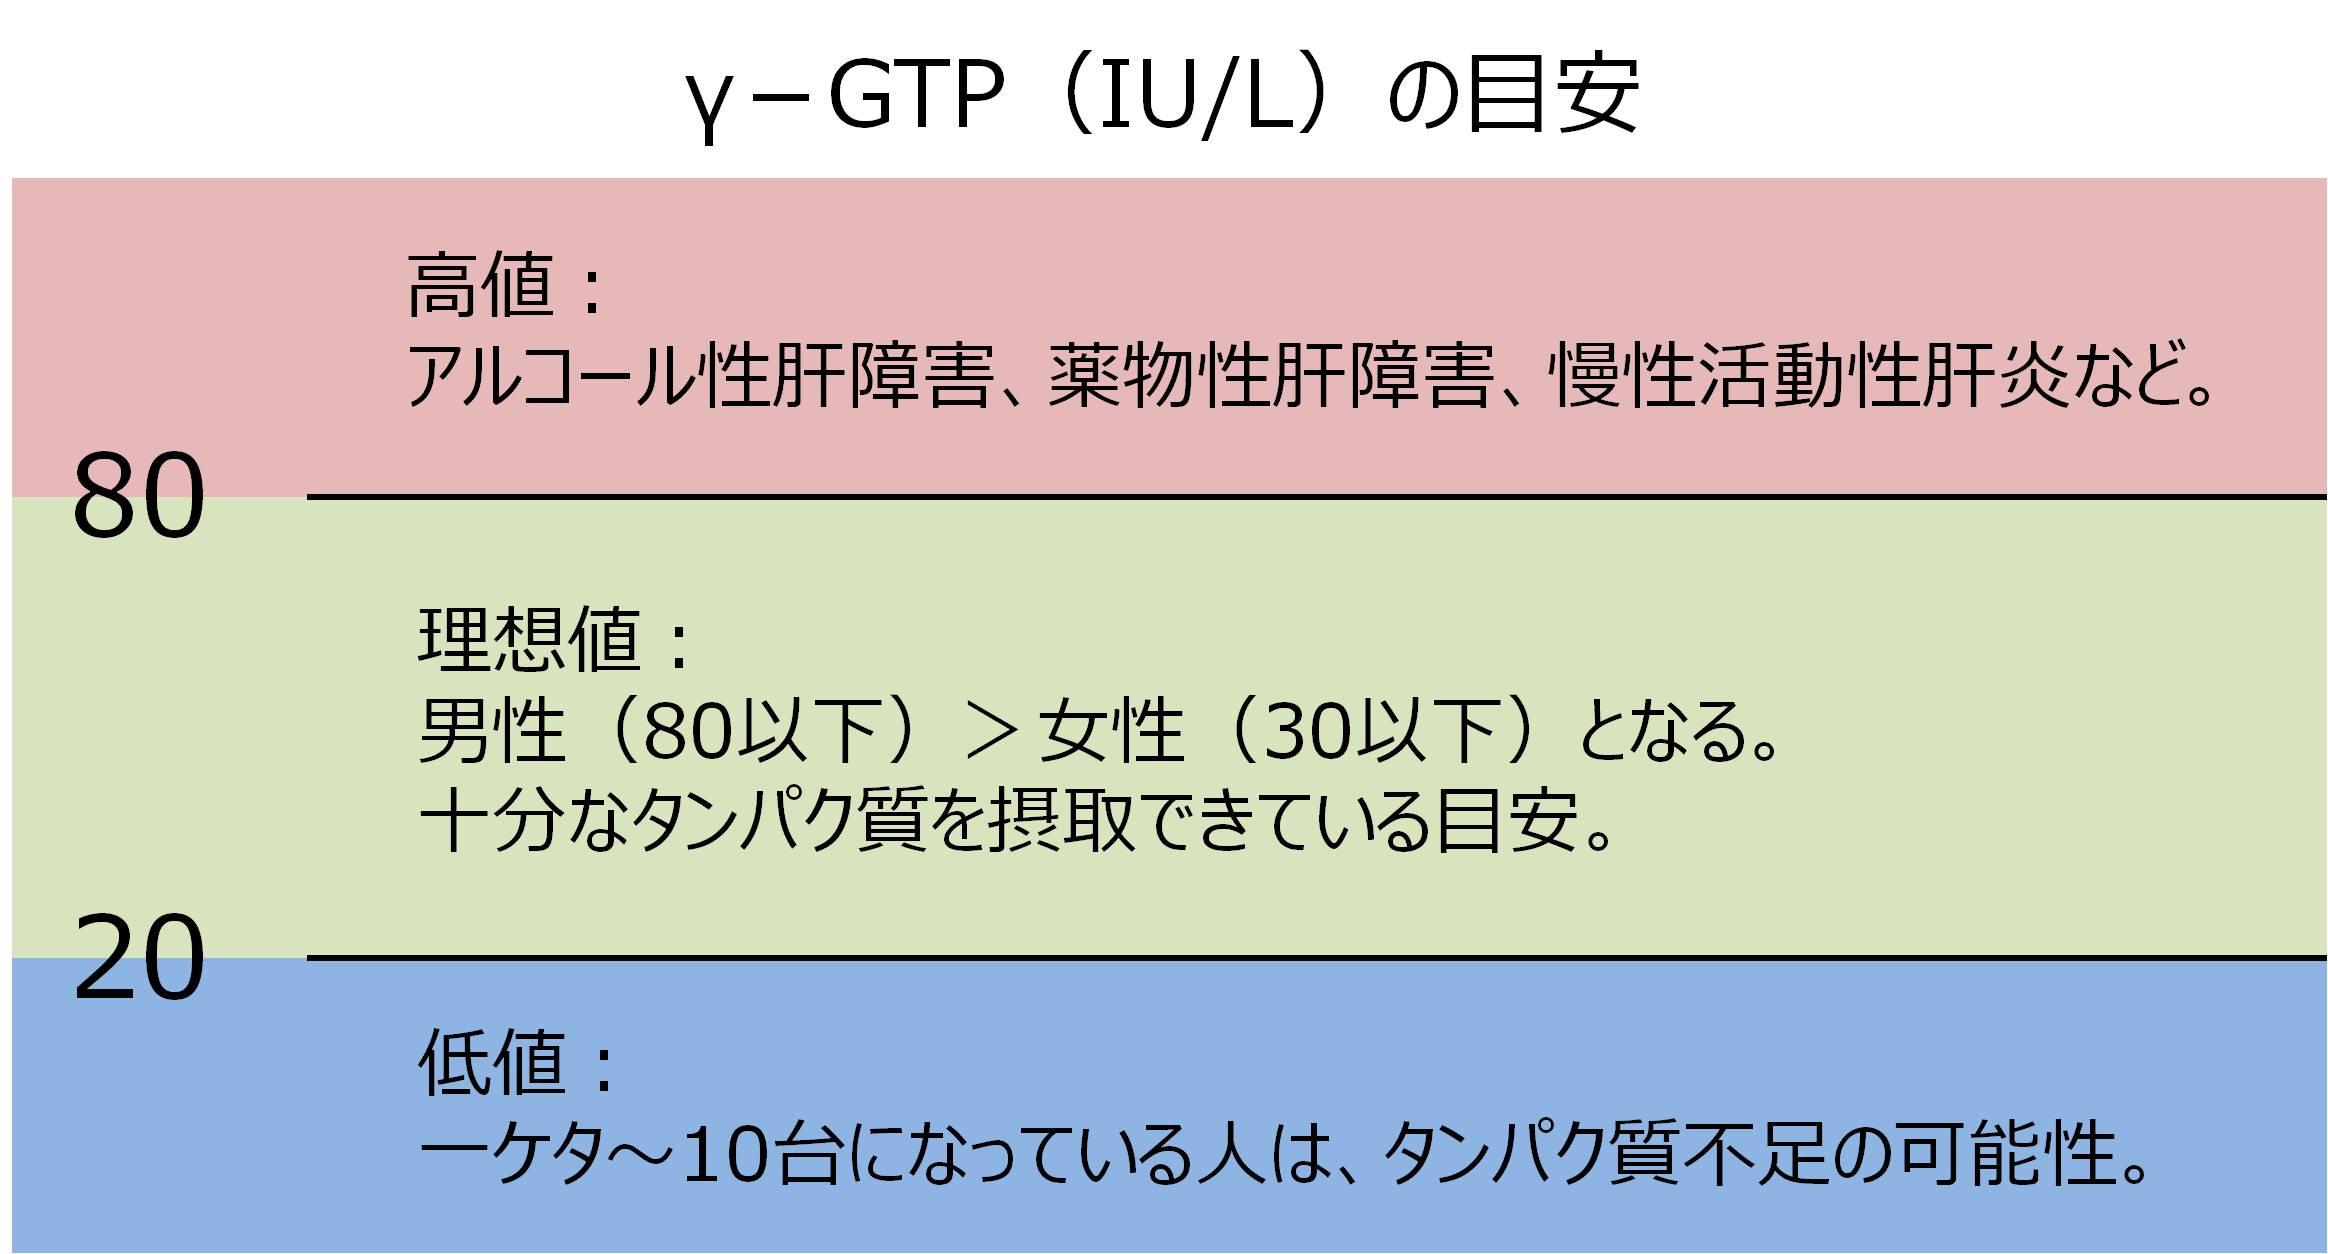 血液検査 γ-GTP 基準値